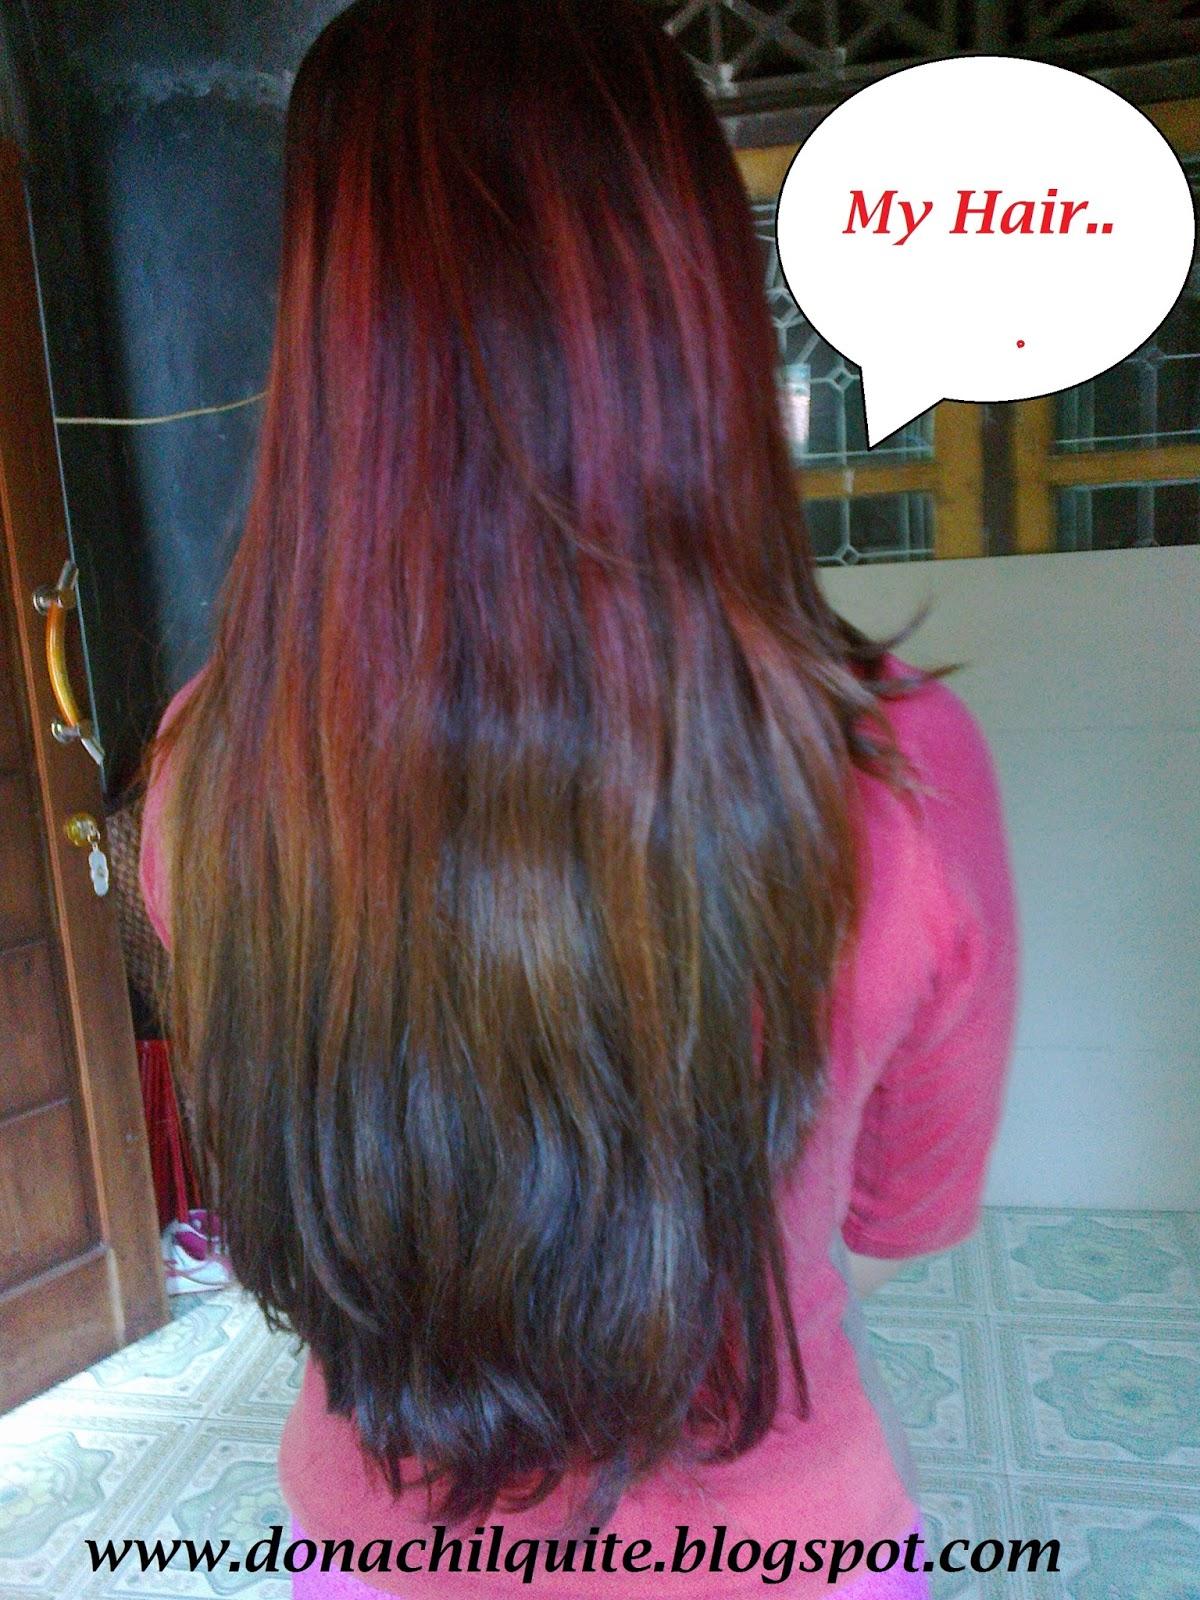 Itu adalah hasil pewarnaan rambut yang aku lakukan di Warnanya sama sekali tidak merata terlihat warna